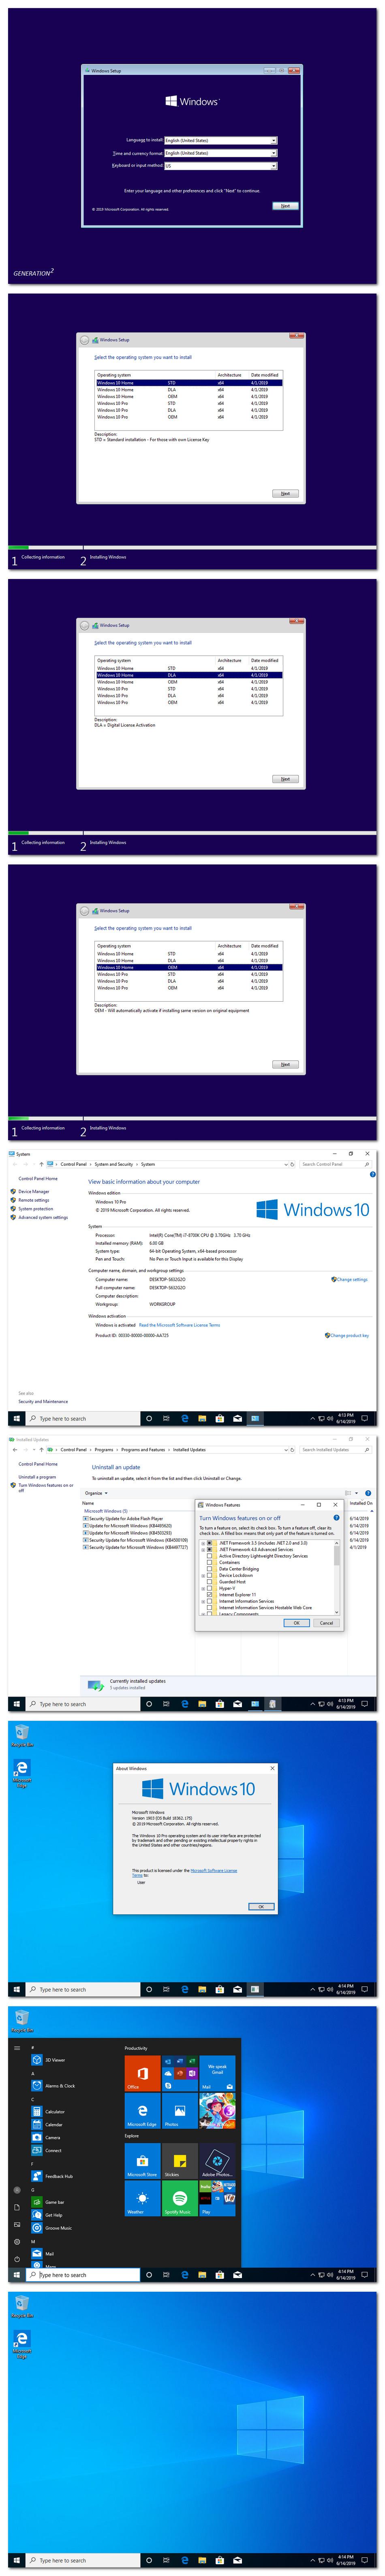 Download Windows 10 Home Pro 19H1 X64 OEM ESD en-US JUNE 2019 {Gen2